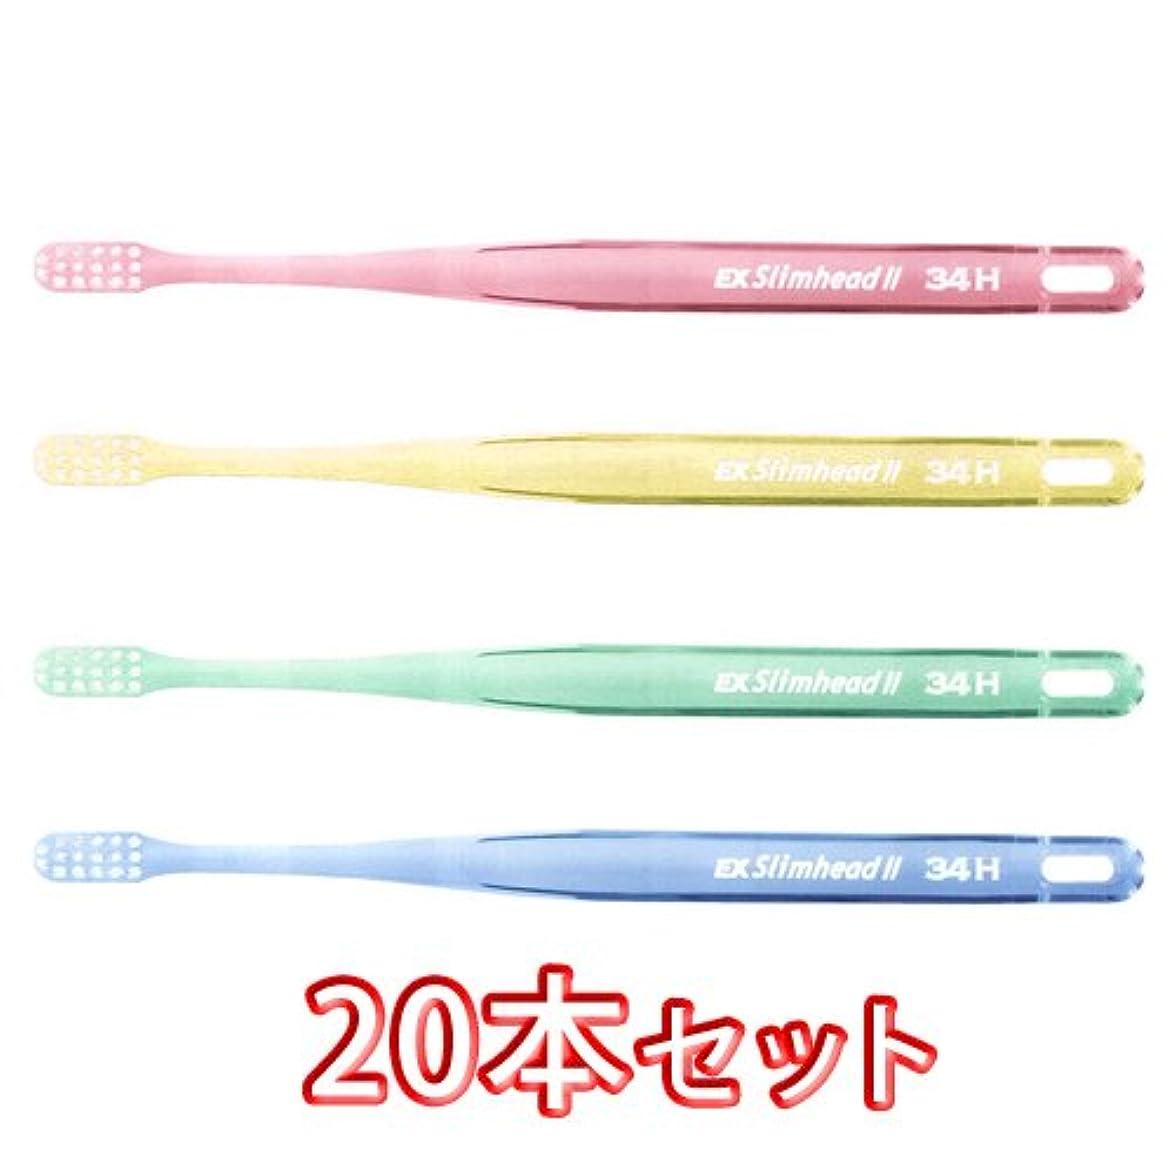 させる挨拶倉庫ライオン スリムヘッド2 歯ブラシ DENT . EX Slimhead2 20本入 (34H)